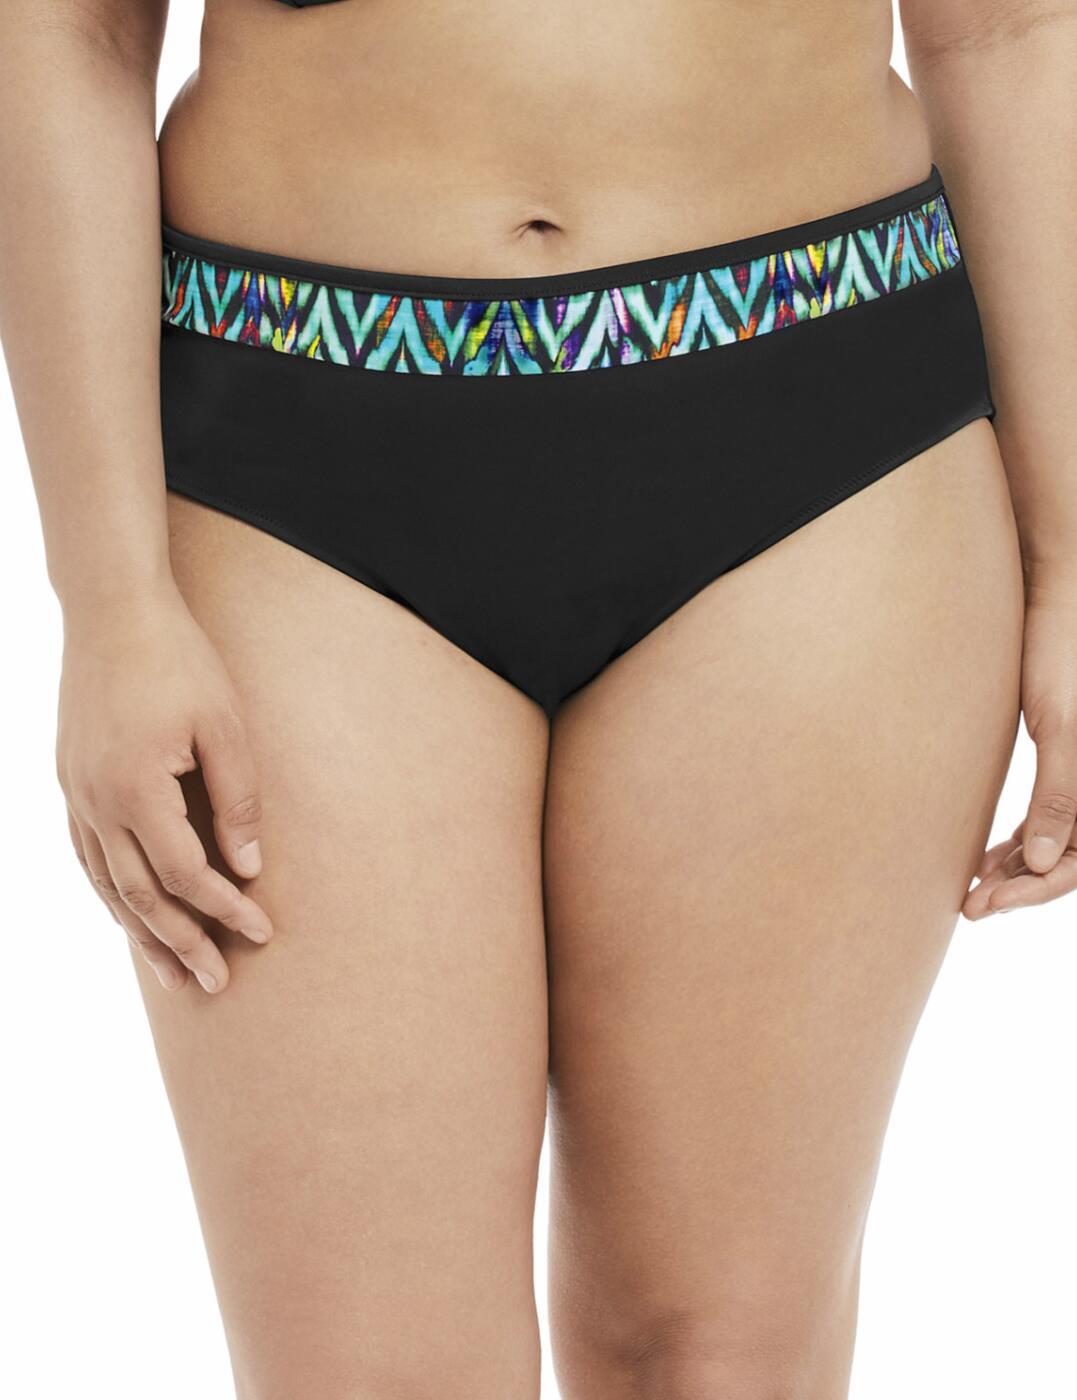 Elomi Swimwear Indie Mid Rise Bikini Bottoms Brief Pant 7534 New Womens Swimwear